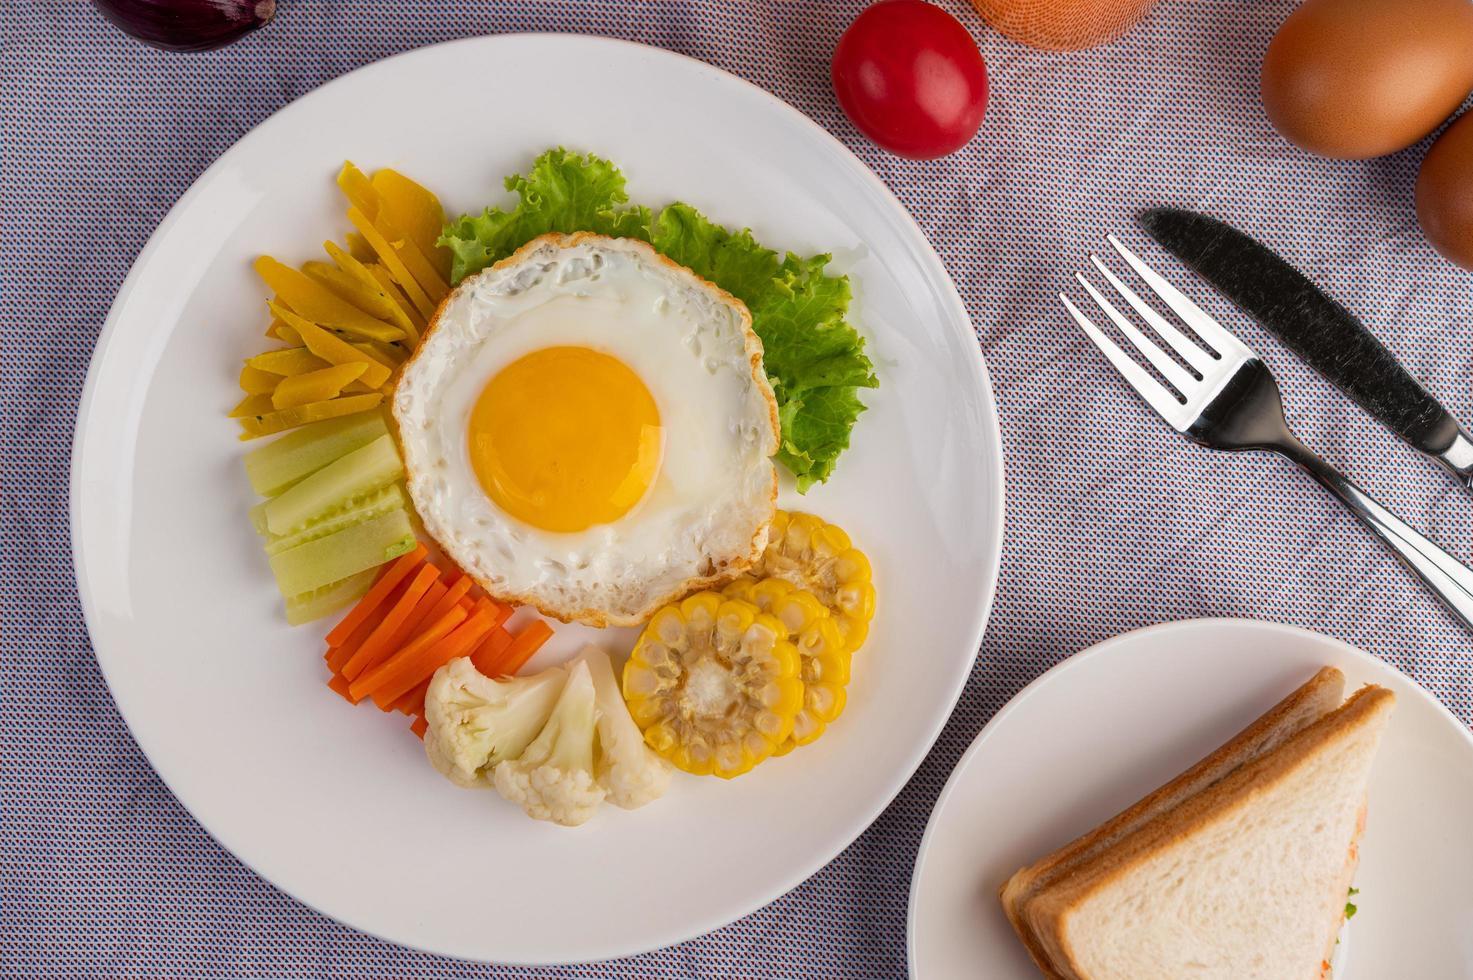 desayuno de huevo frito con huevo, ensalada, calabaza, pepino, zanahoria y maíz foto